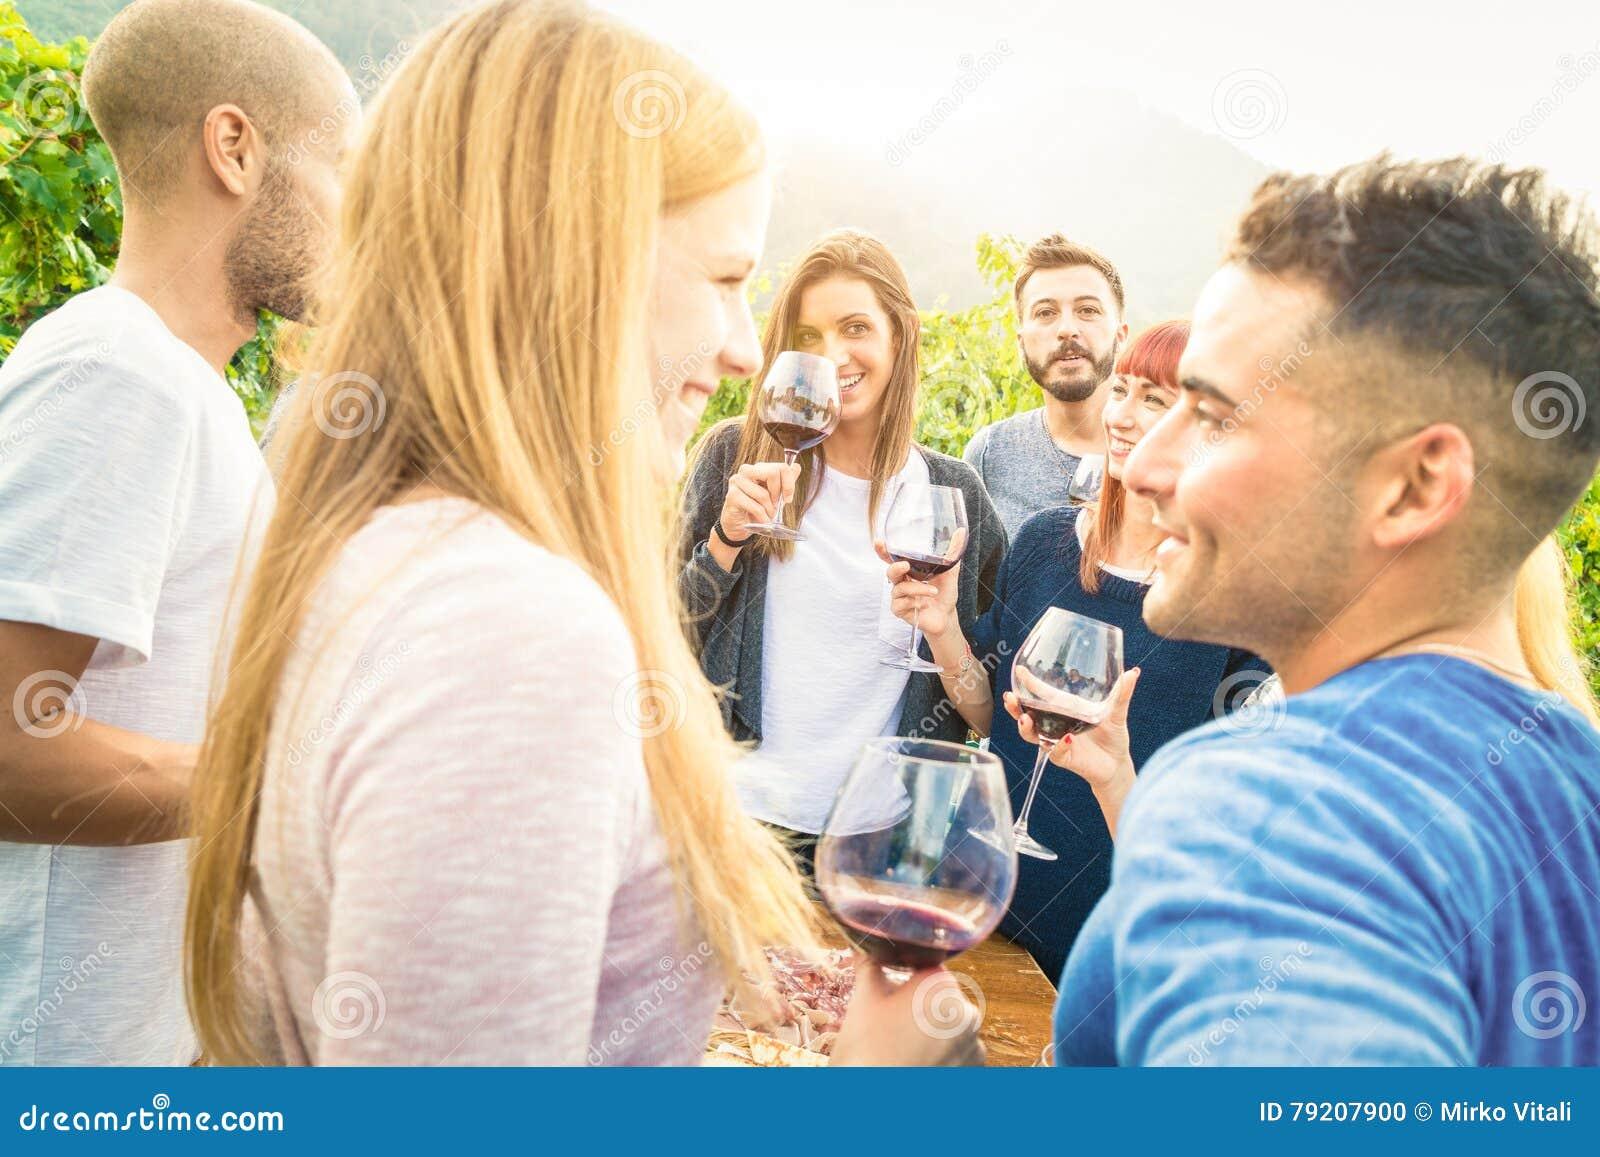 获得乐趣和喝酒的愉快的朋友在葡萄园游园会